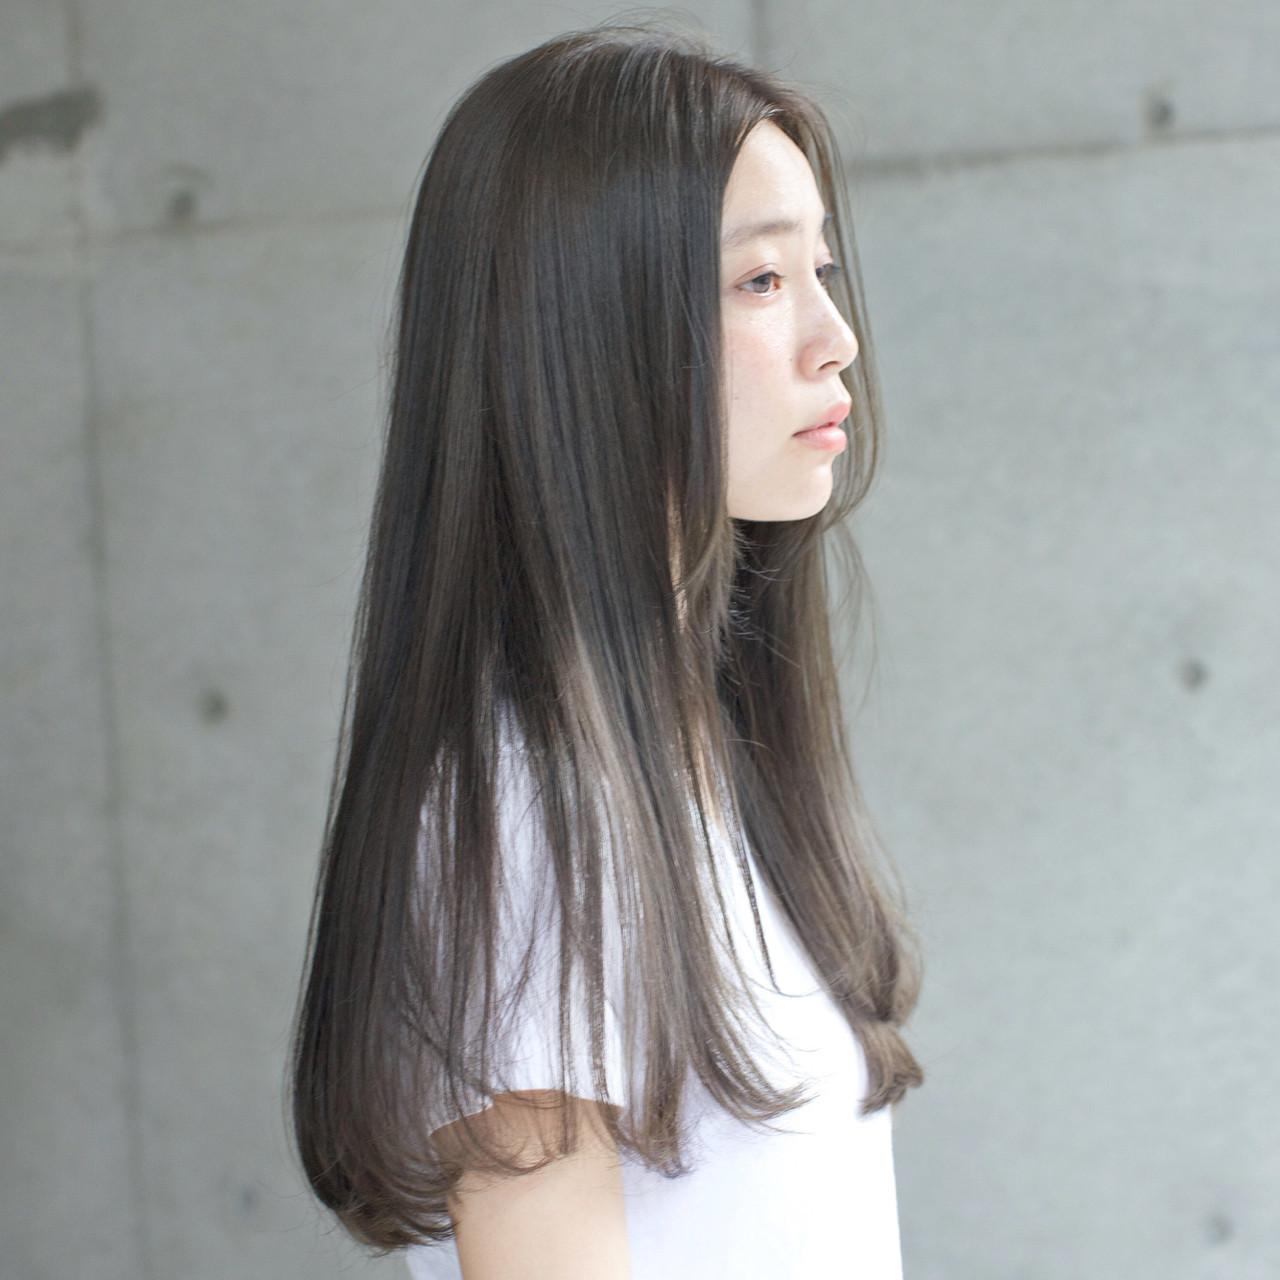 髪がきれいだと若く見違える!後ろ姿美人に♡ 佐脇 正徳